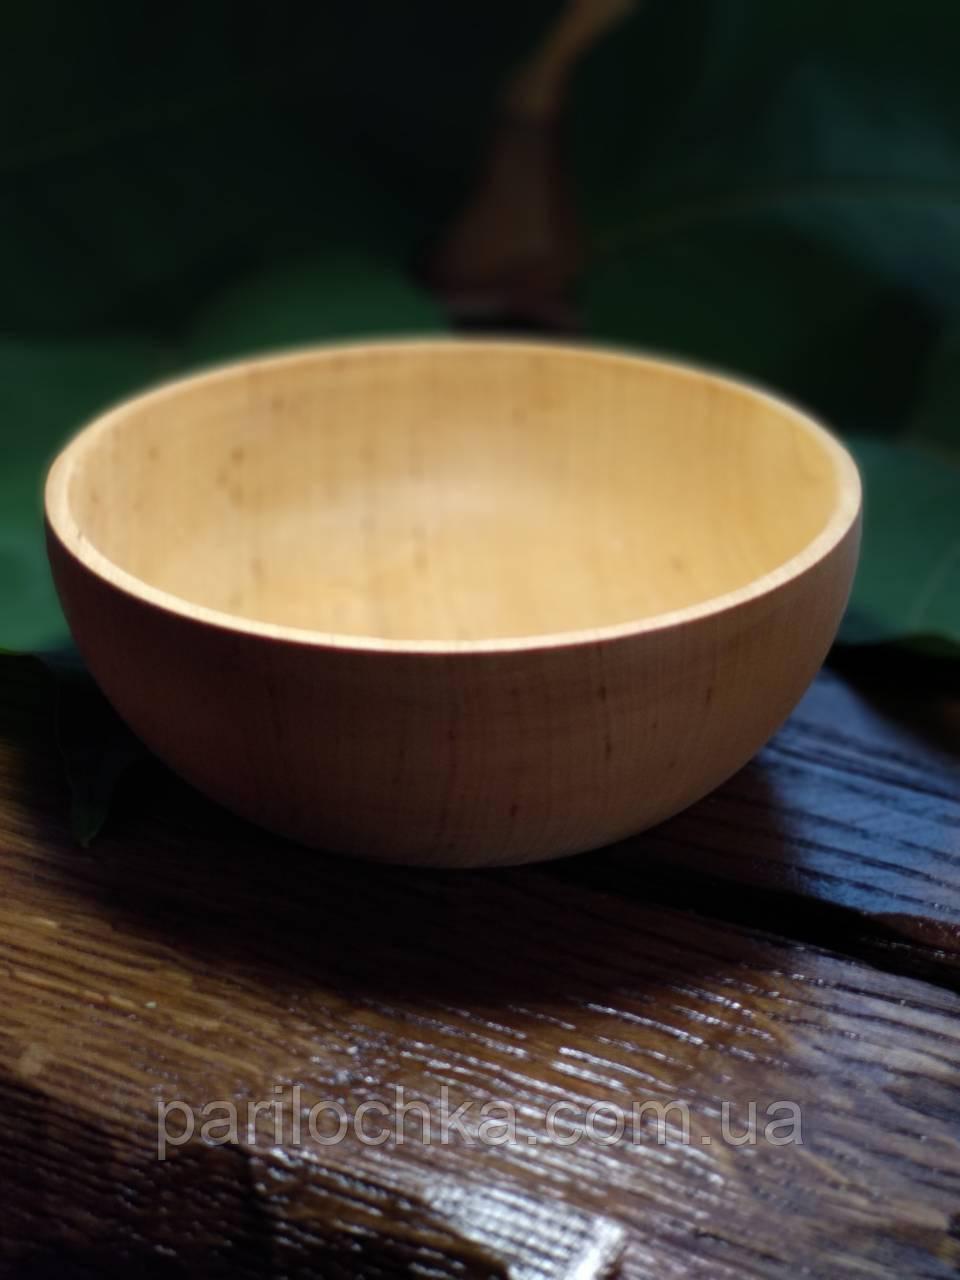 Деревянная тарелка из массива березы